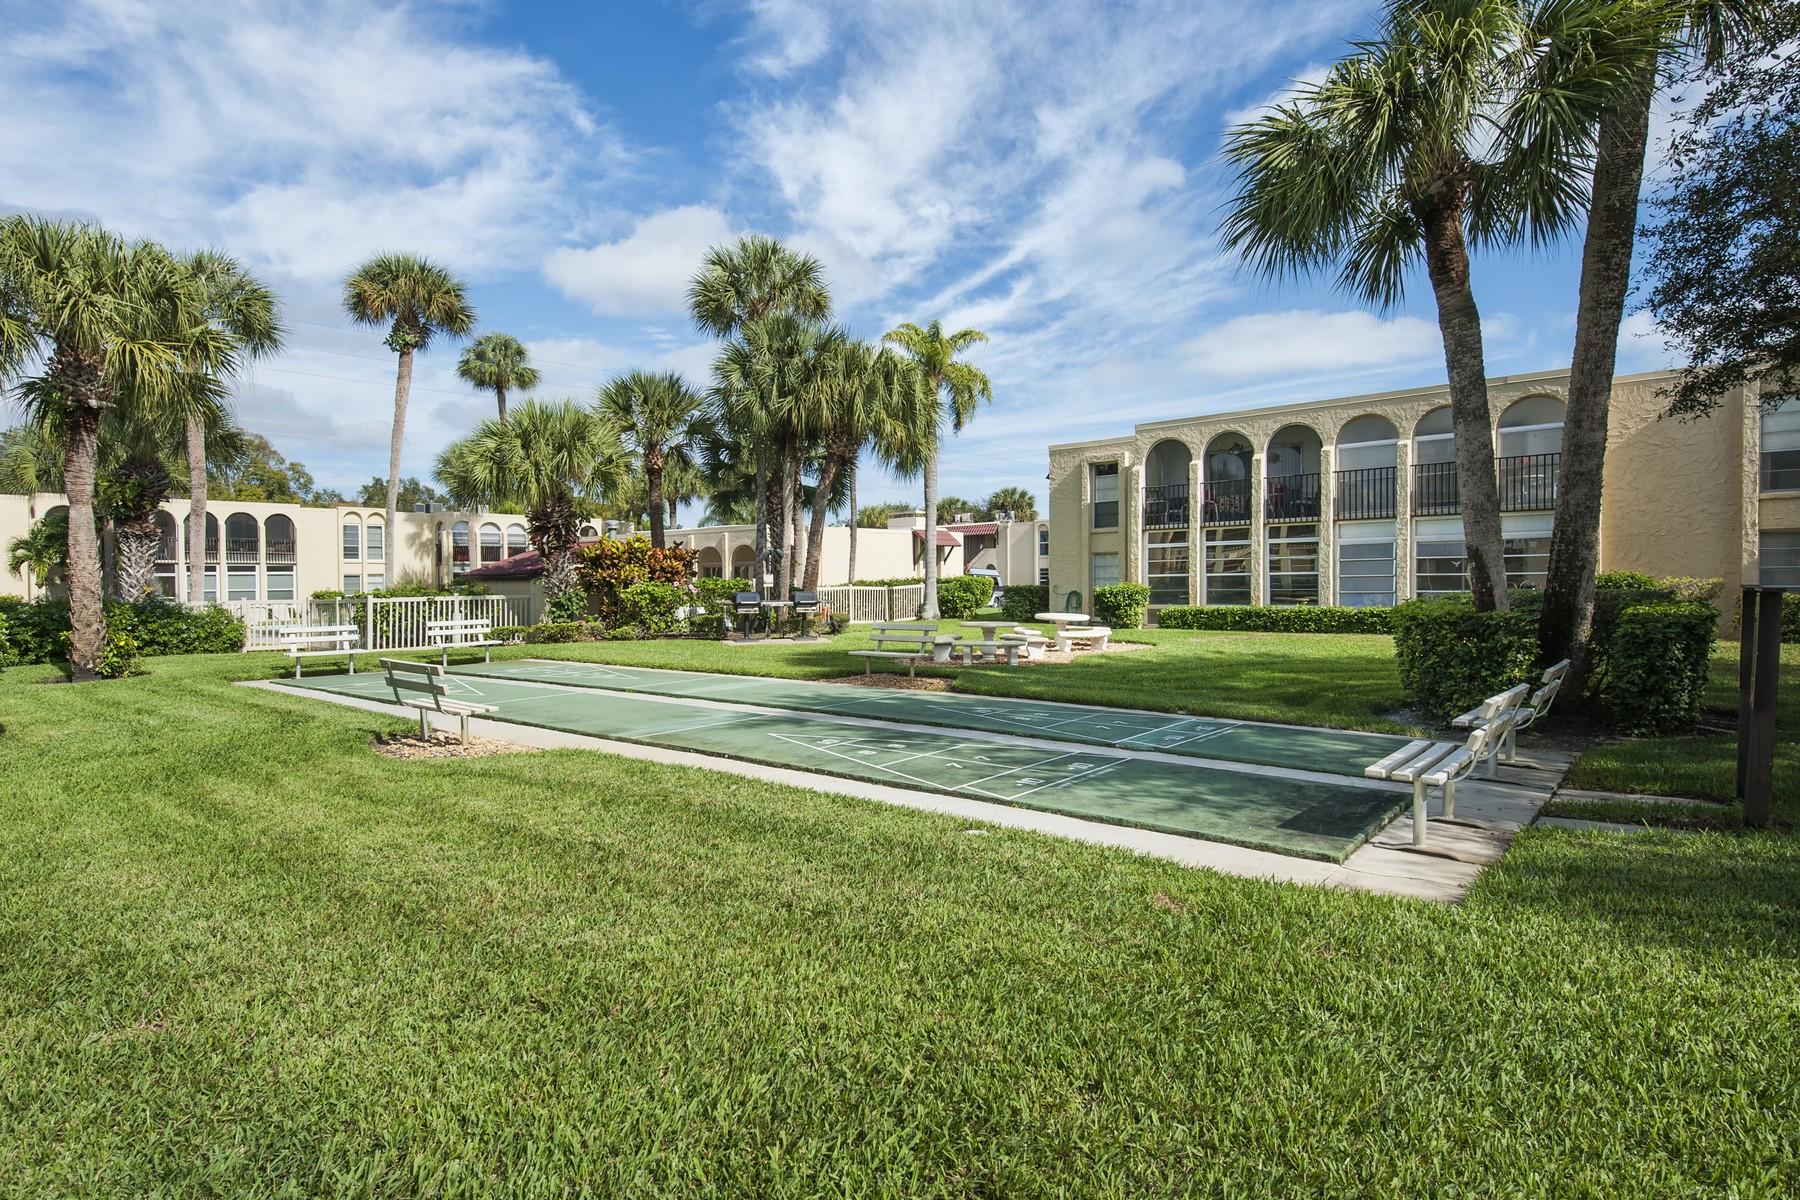 Condominium for Sale at Beautifully Updated Condo in Villamar 835 18th St #602 Vero Beach, Florida 32960 United States